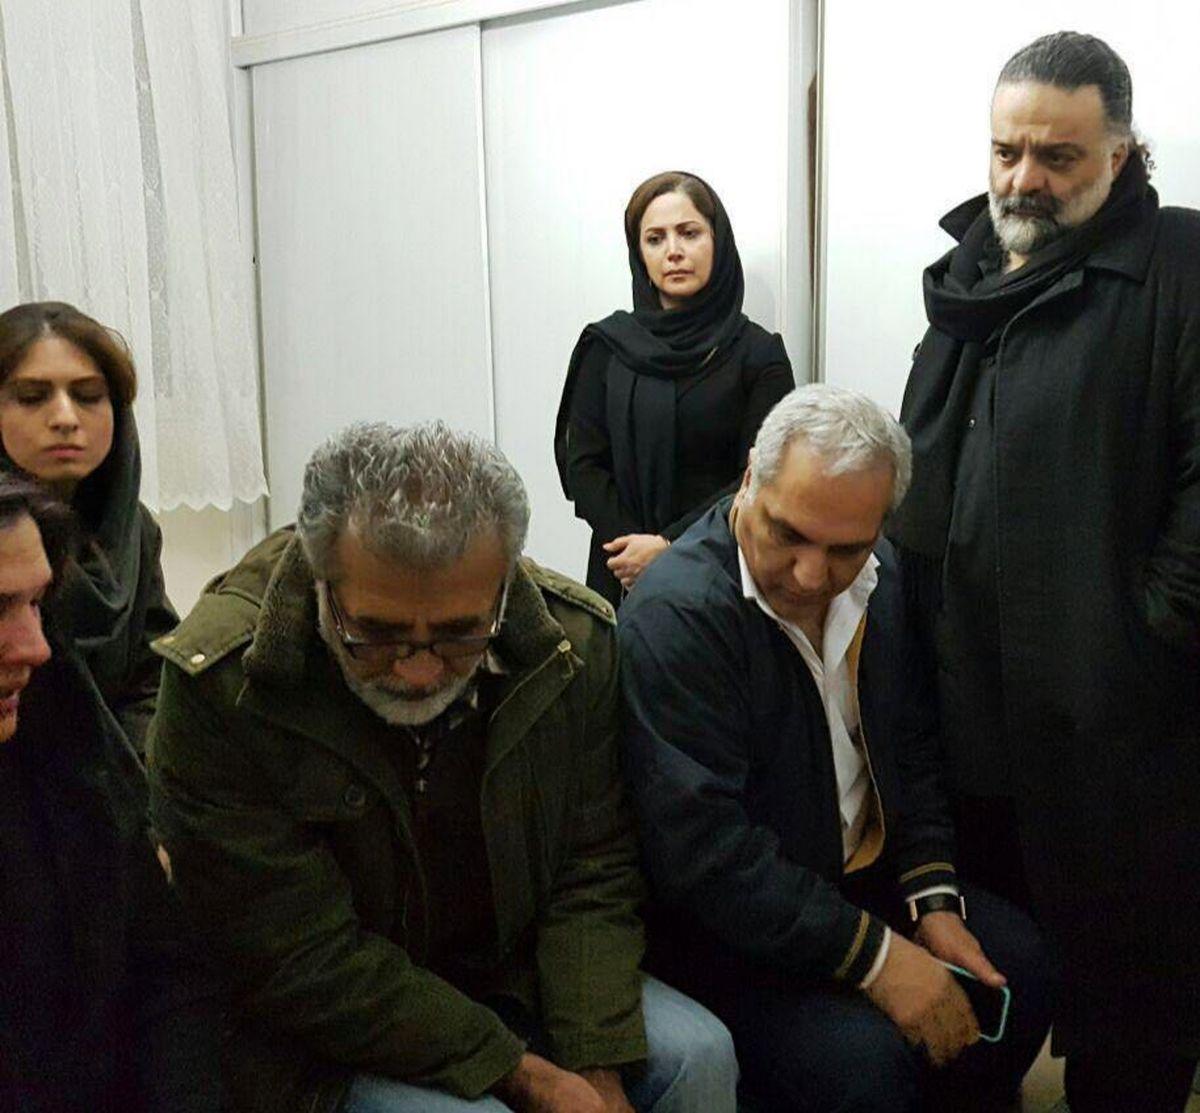 مهران مدیری در خانه علی معلم +عکس